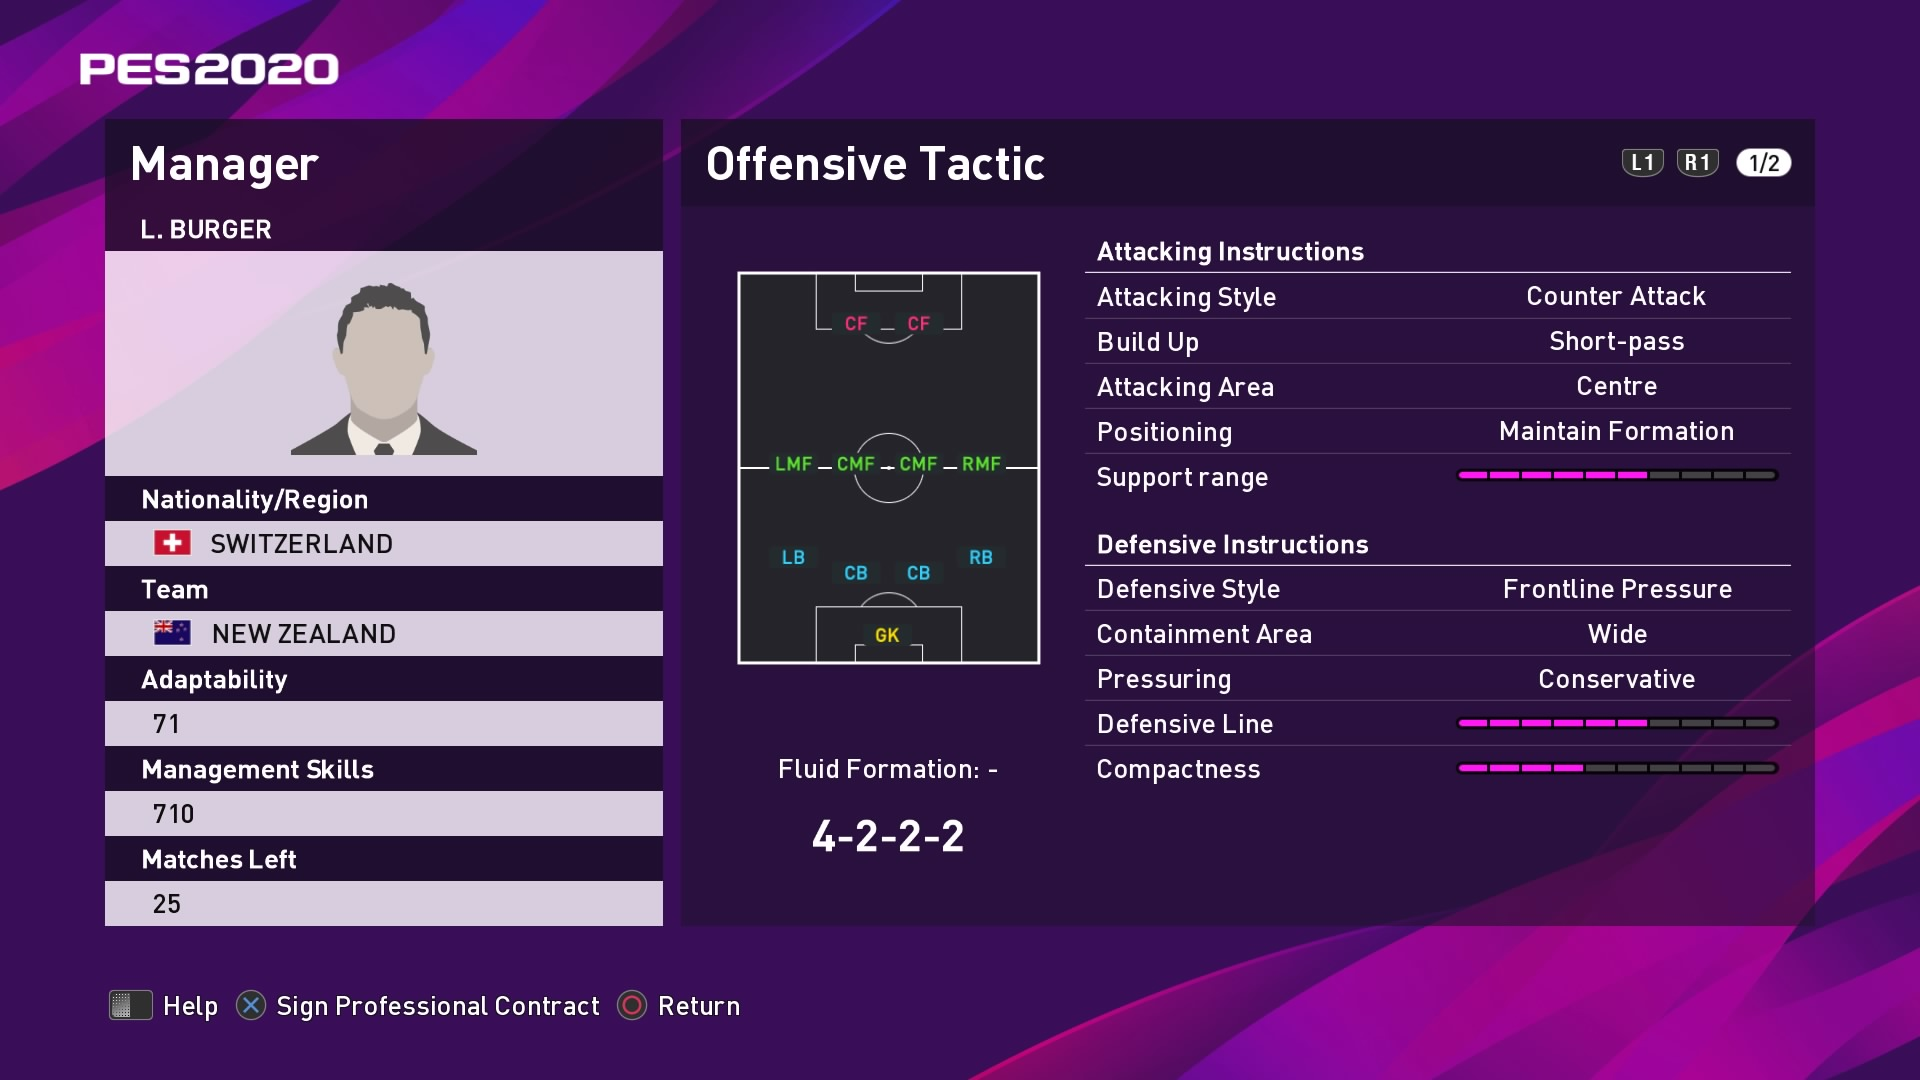 L. Burger Offensive Tactic in PES 2020 myClub